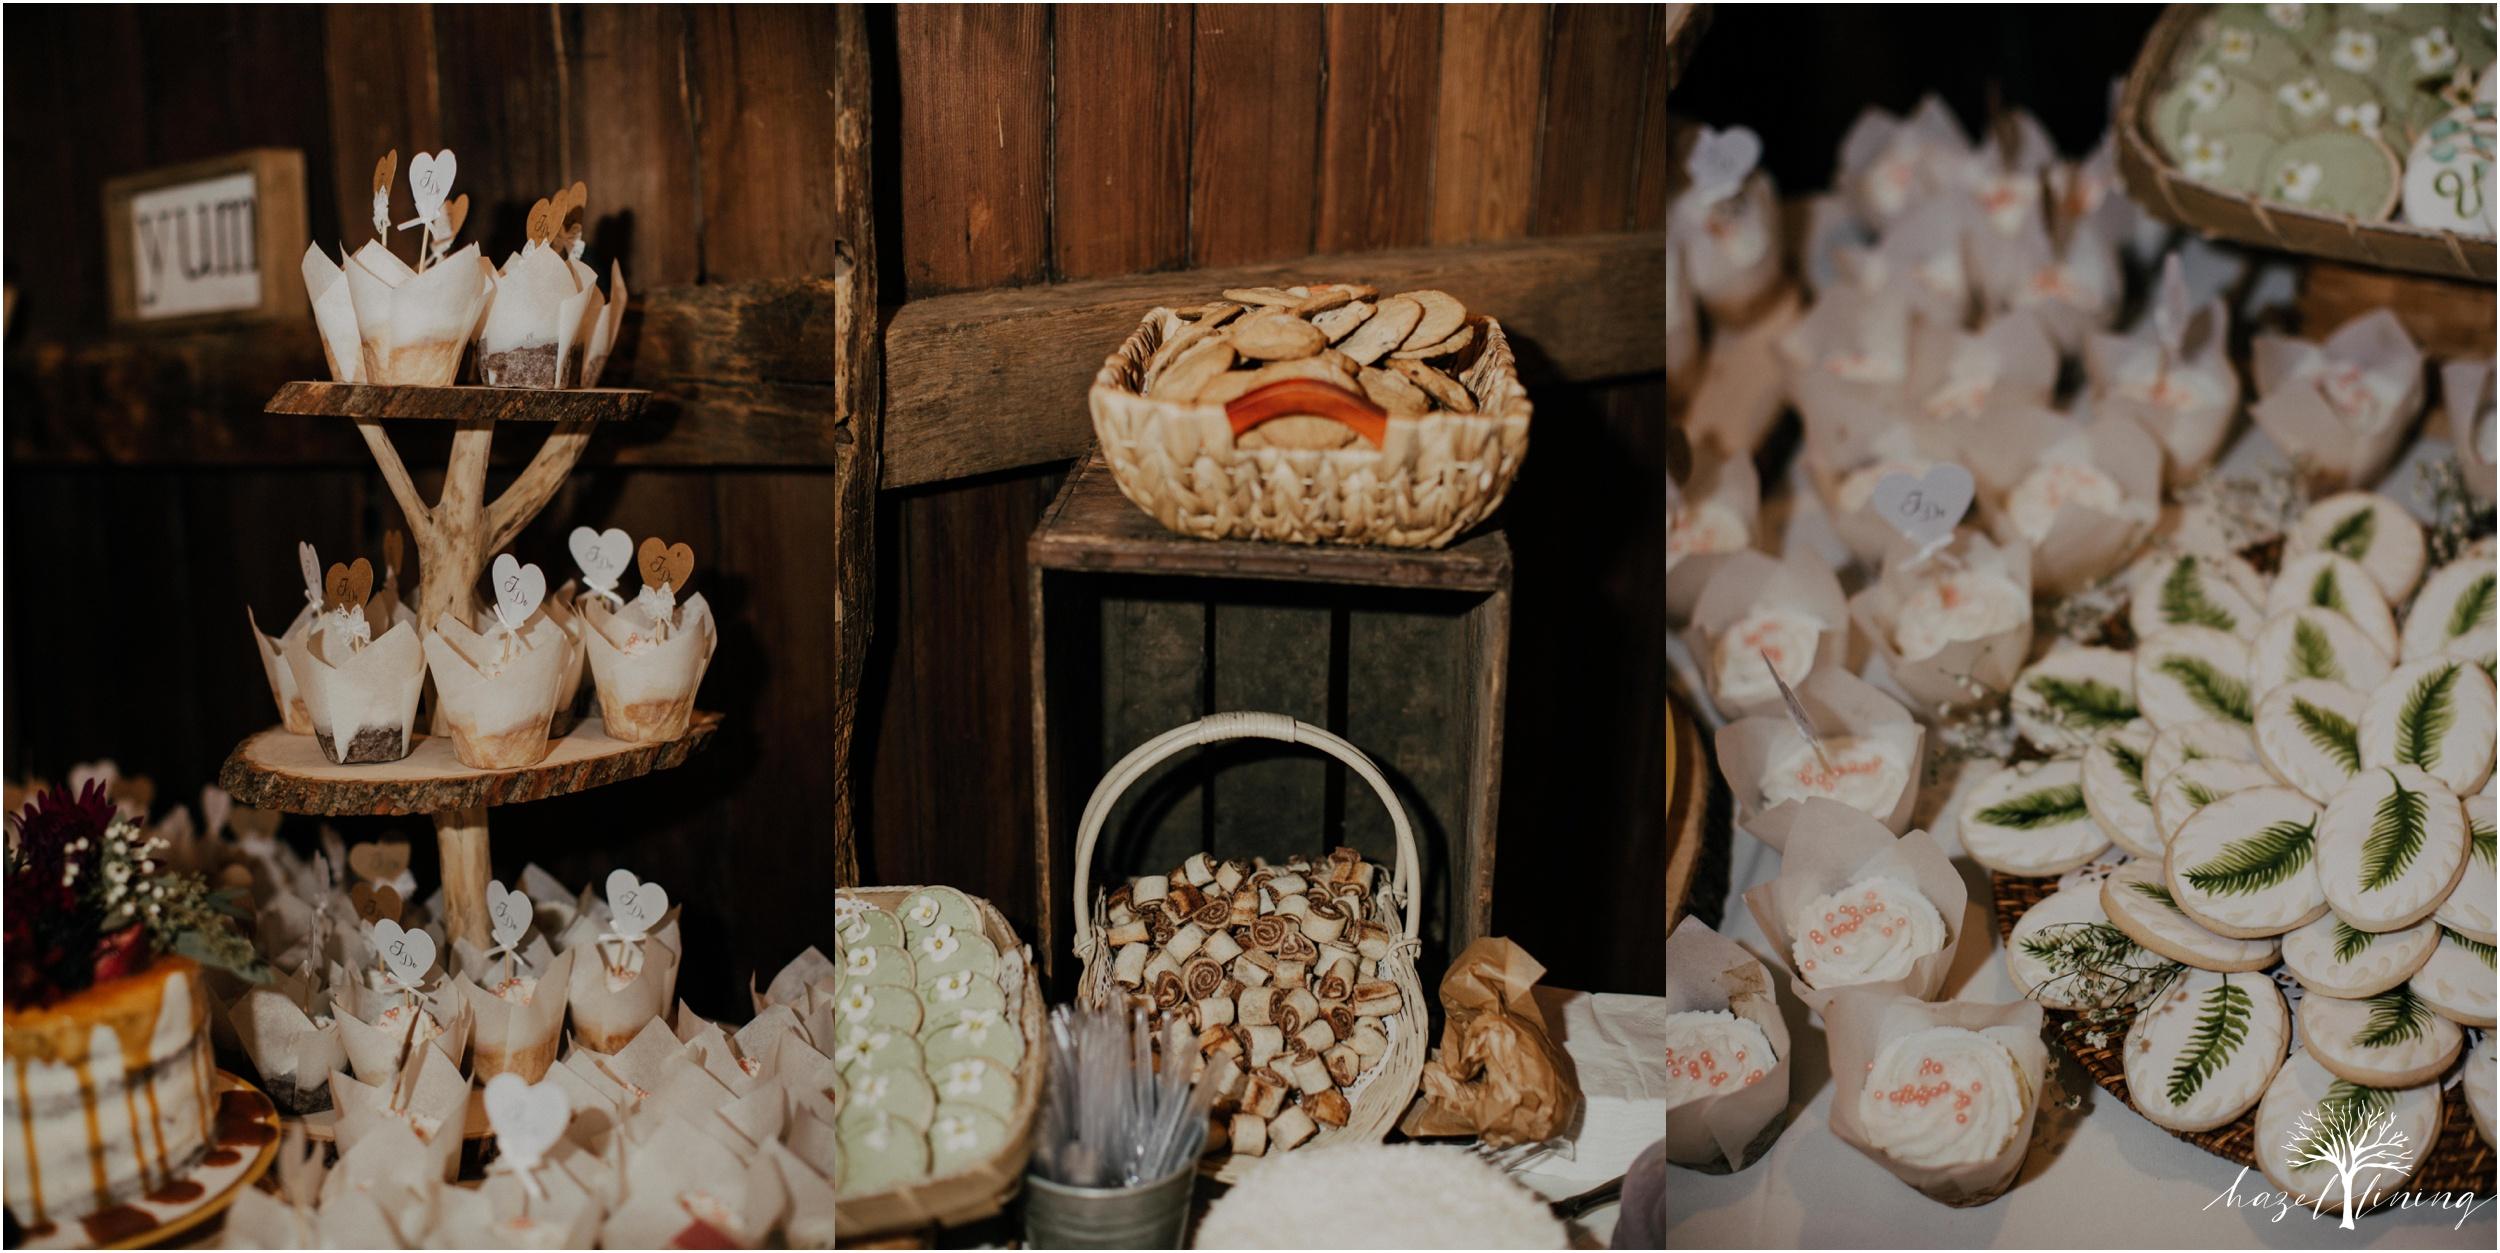 jessie-martin-zach-umlauf-olde-homestead-golfclub-outdoor-autumn-wedding_0145.jpg